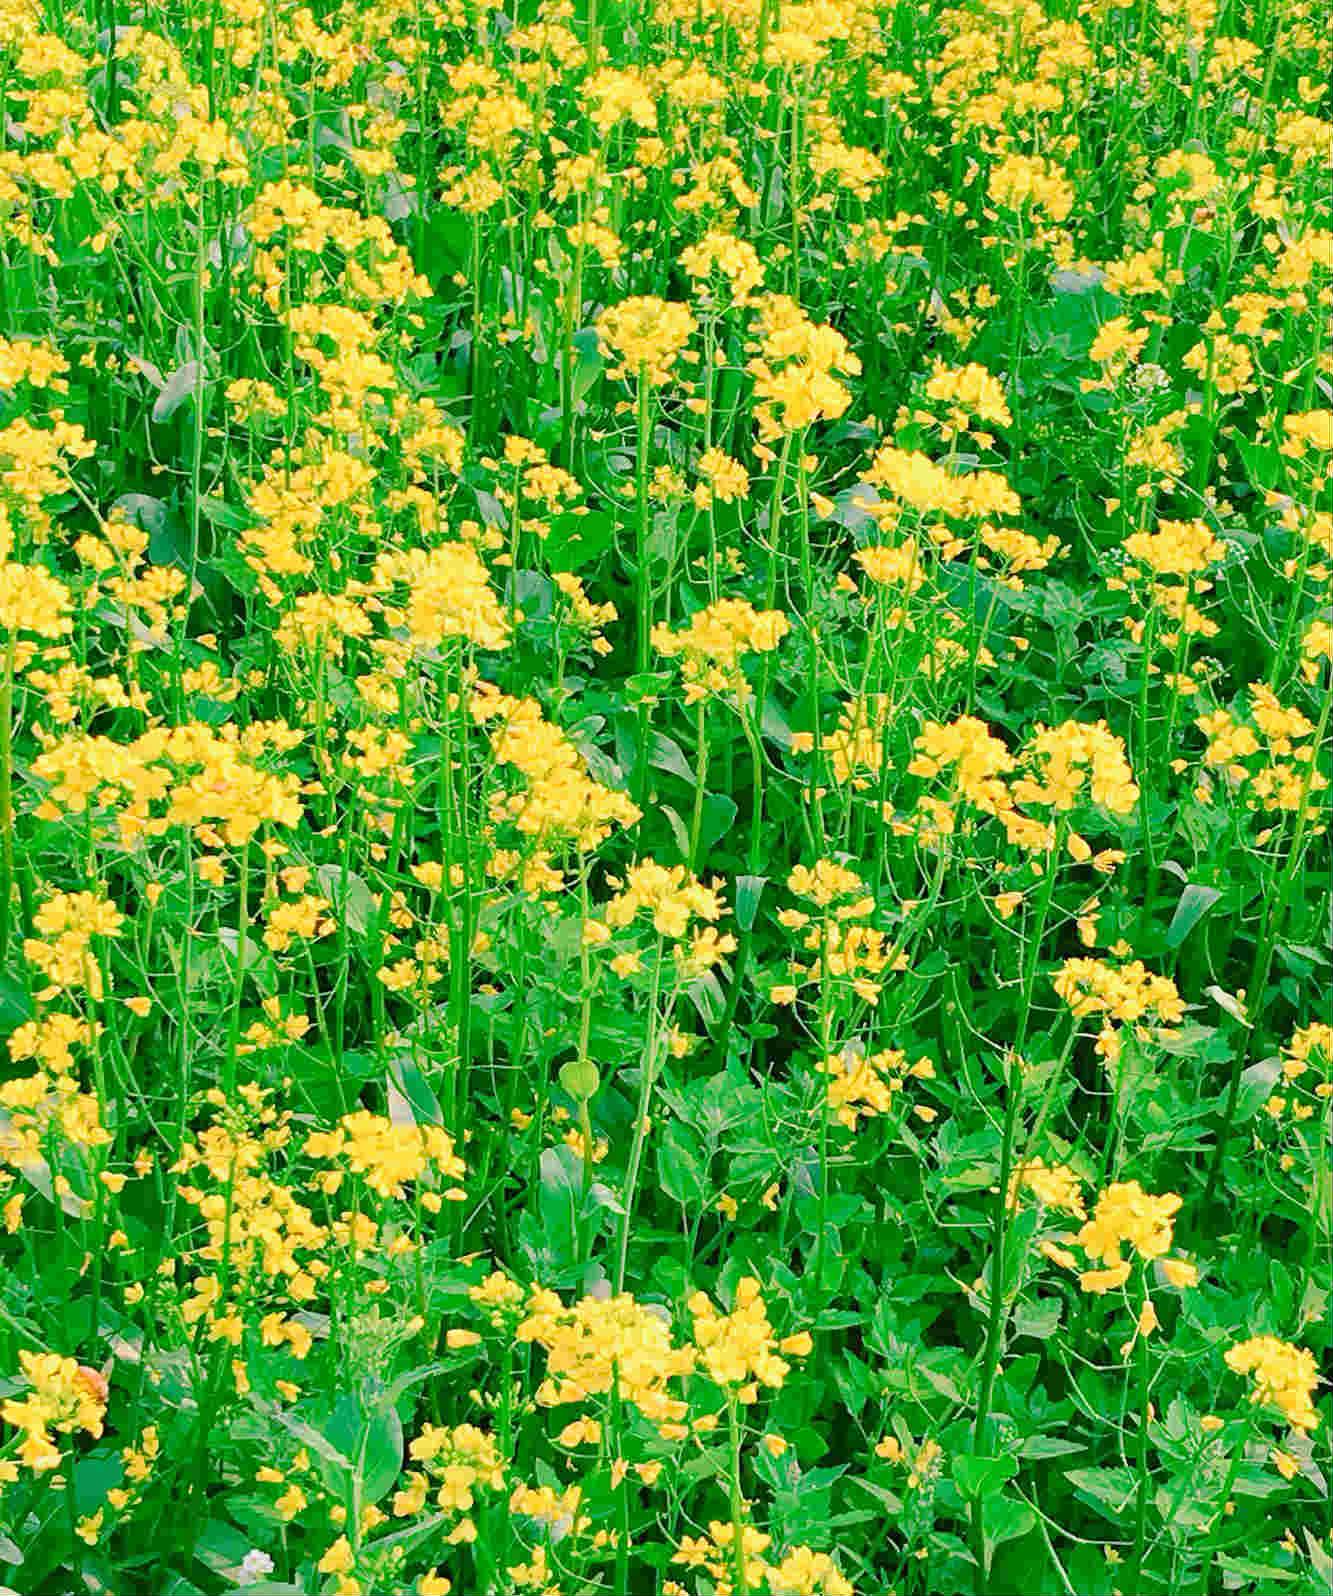 金黃色的油菜花,看了就非常療癒,就算在這裡待上一整天也不覺得心煩。